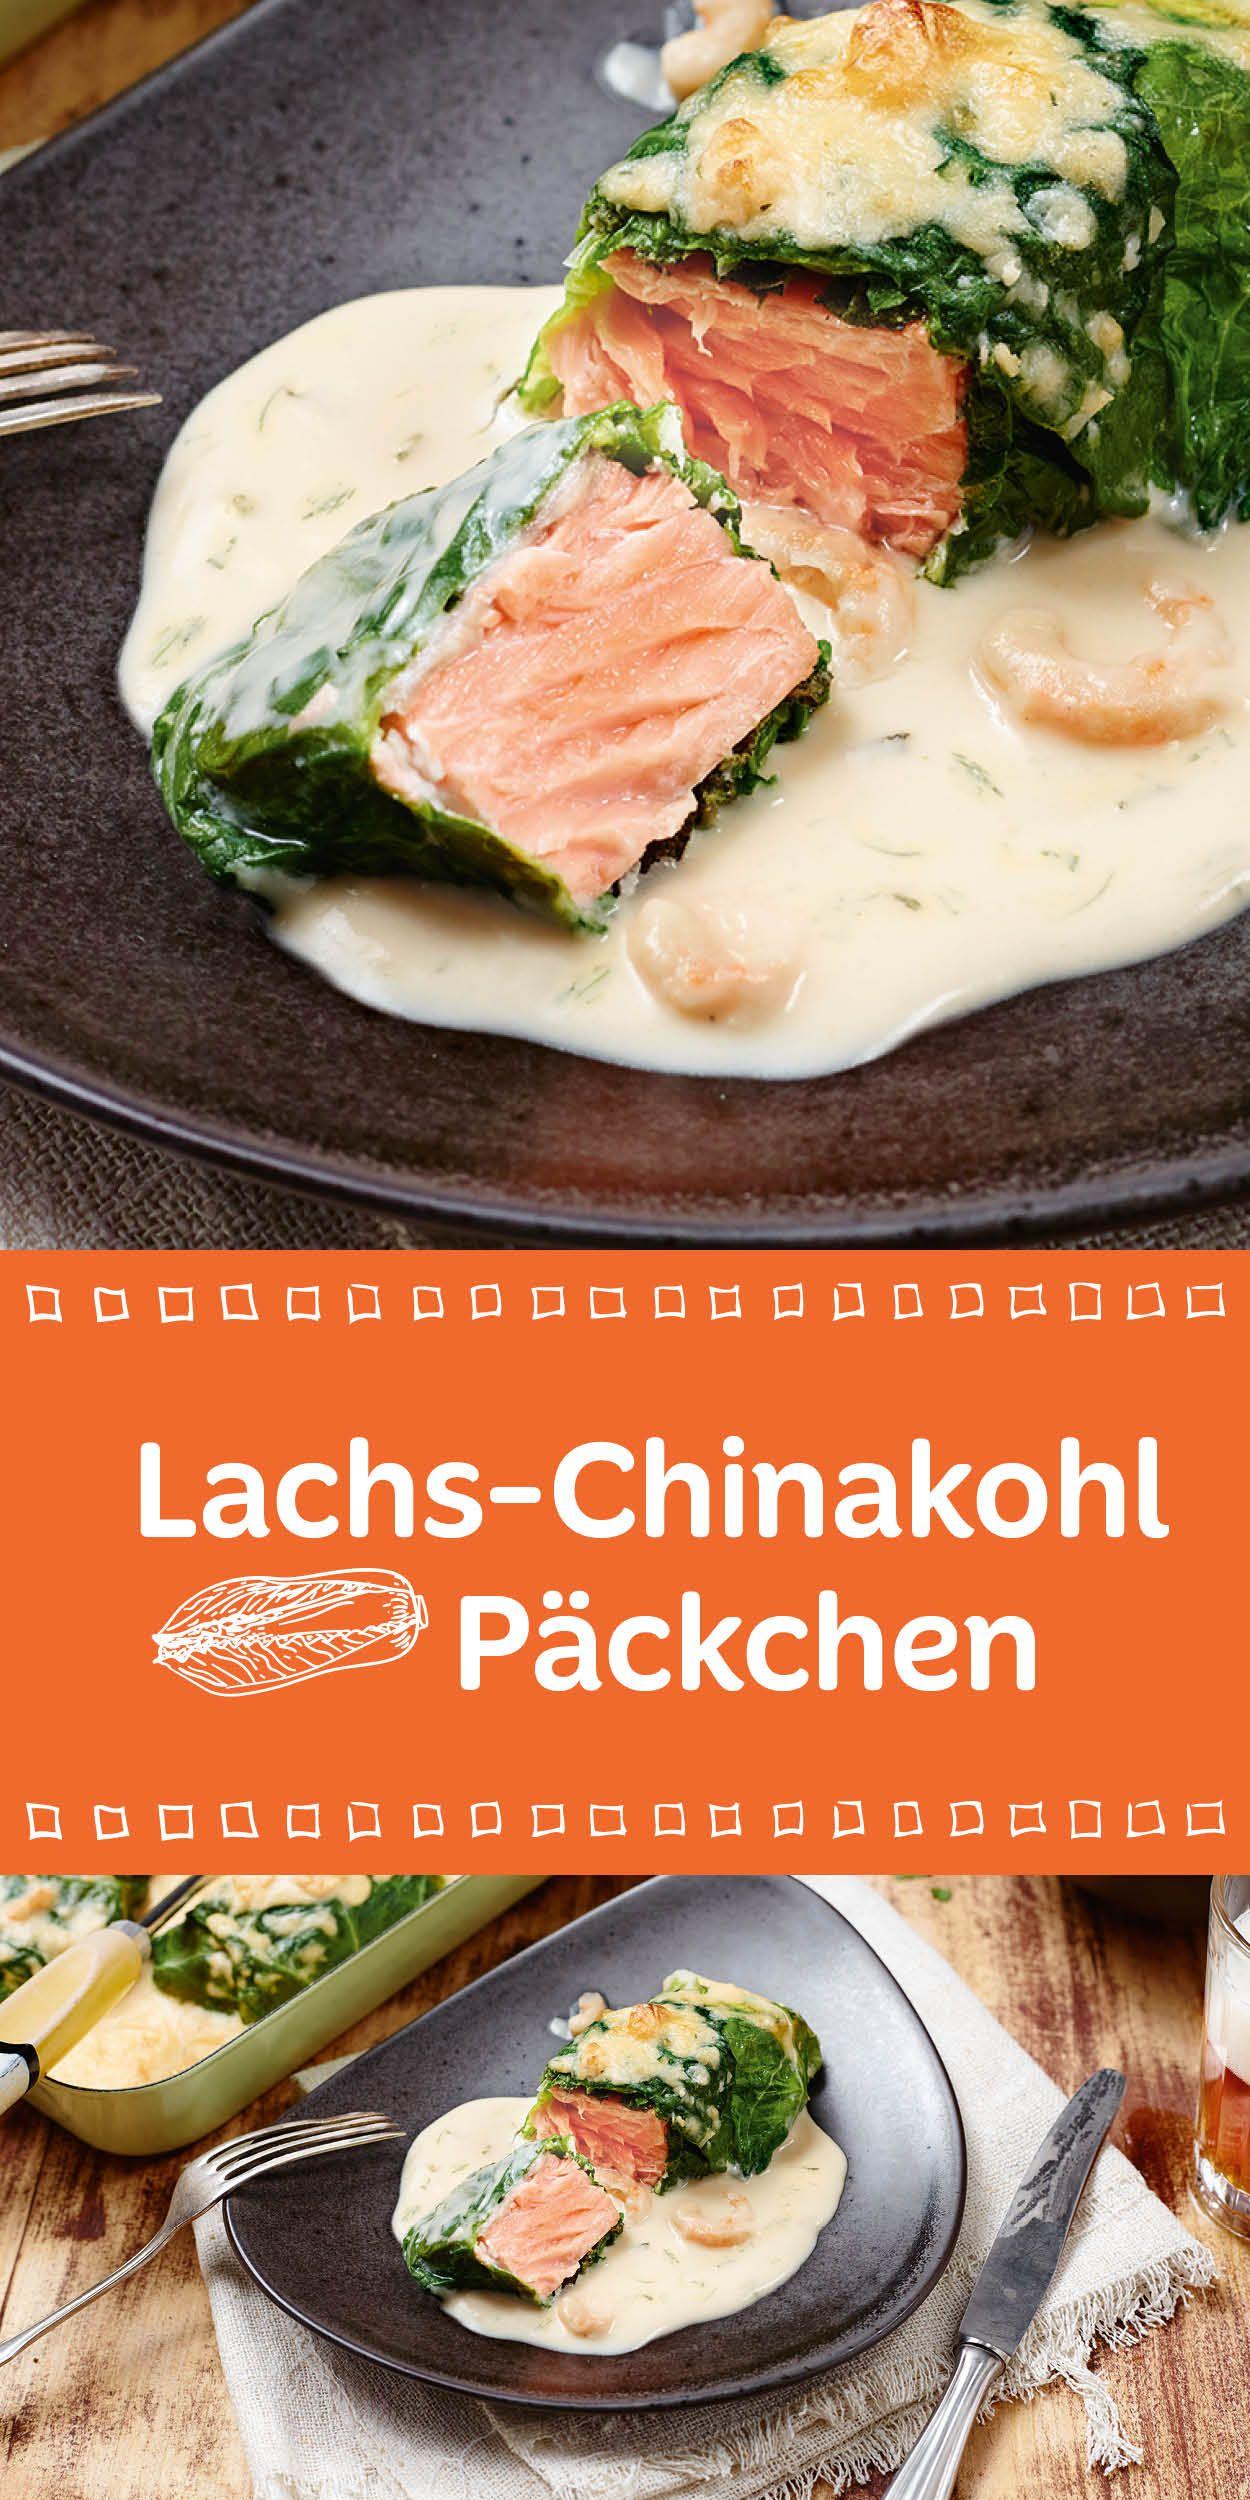 Ein feines Low-Carb-Rezept für dich. Lachs-Chinakohl-Päckchen. Kein großer Aufwand aber voller Genuss. Guten Appetit wünschen wir dir damit.